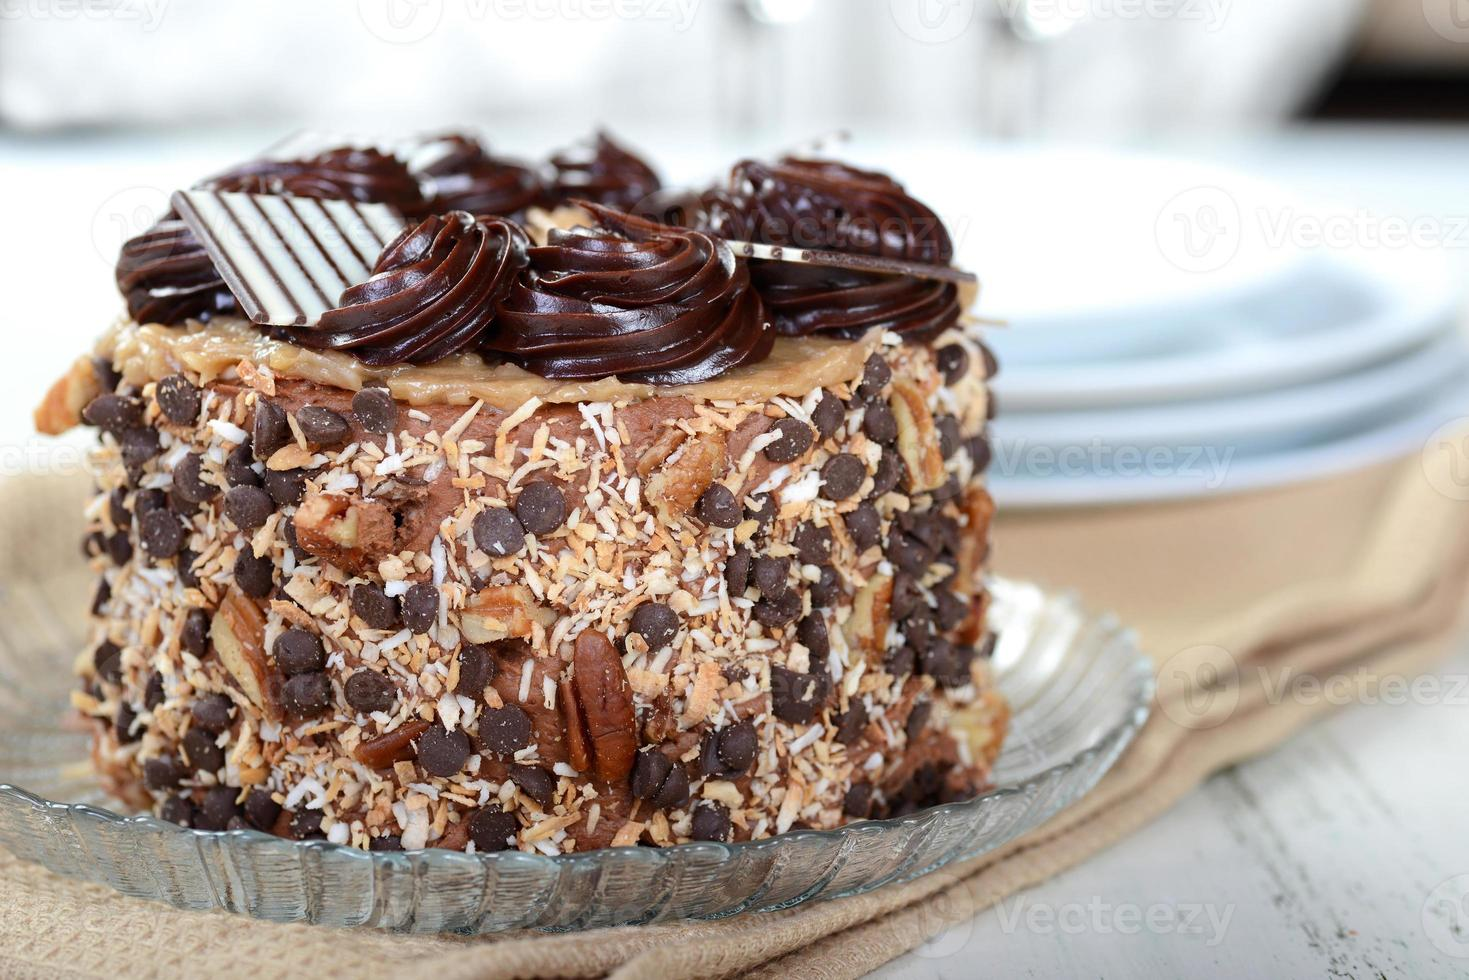 gâteau au chocolat allemand entier photo